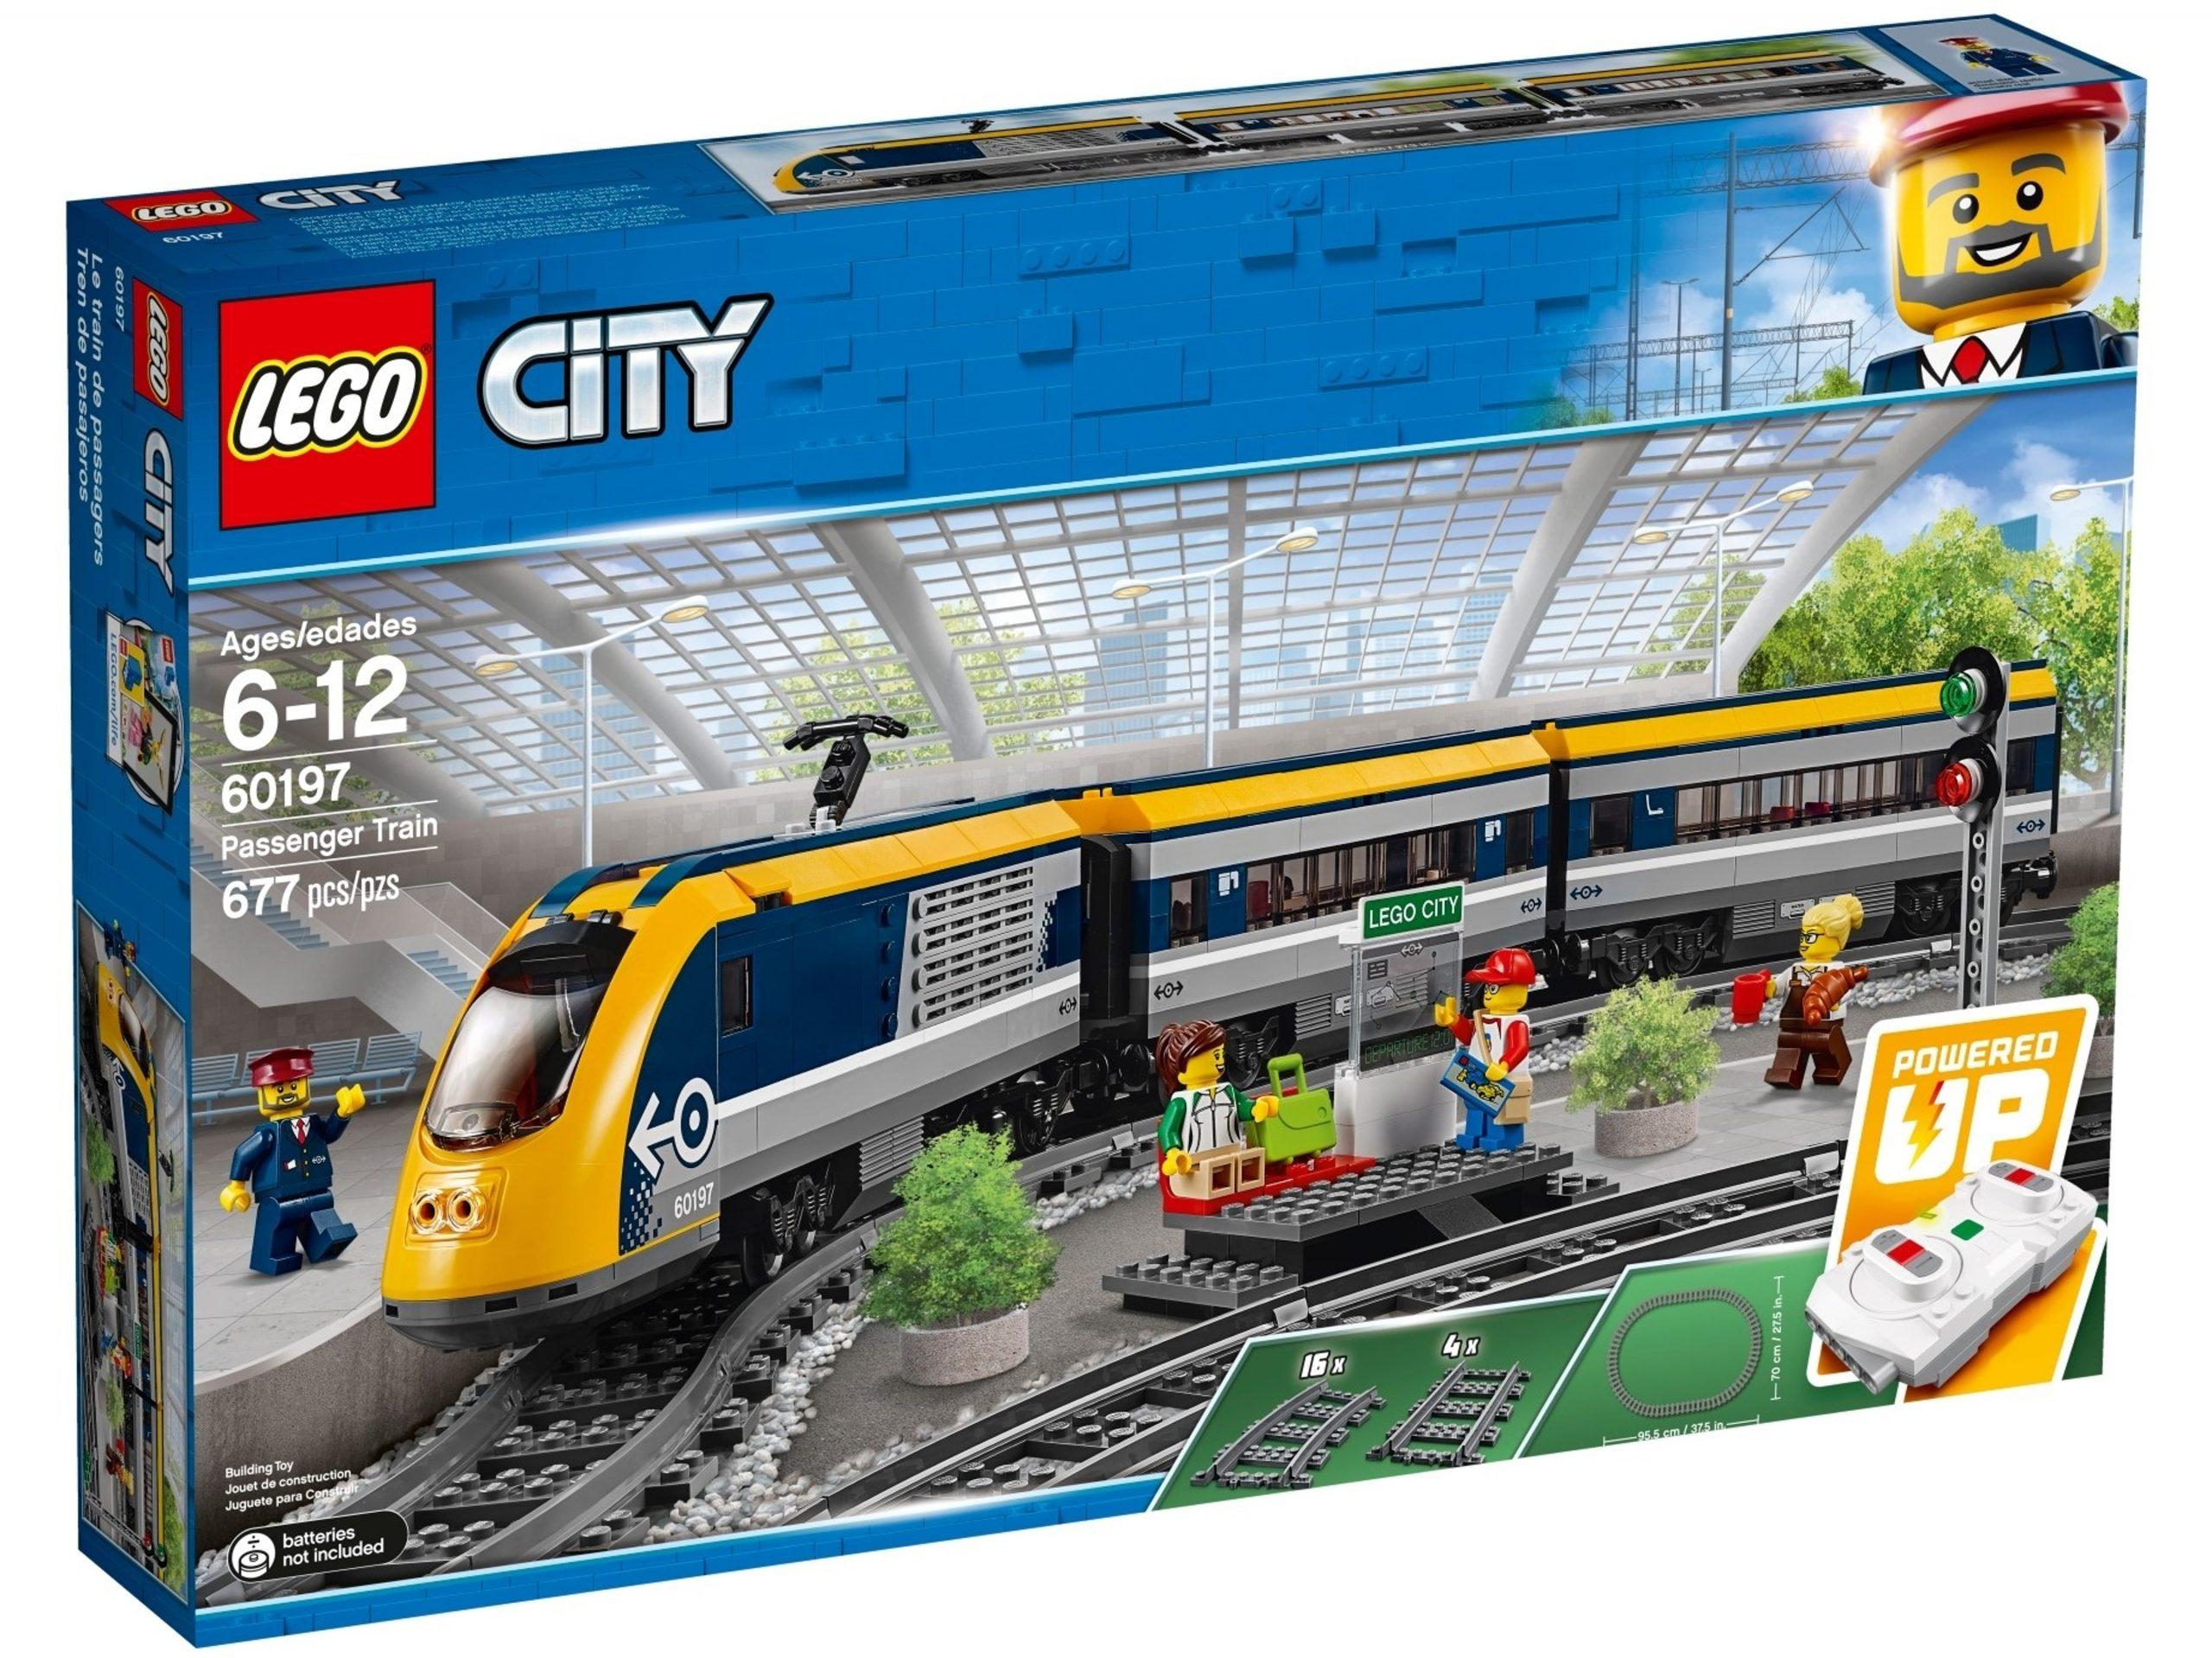 lego 60197 passenger train scaled